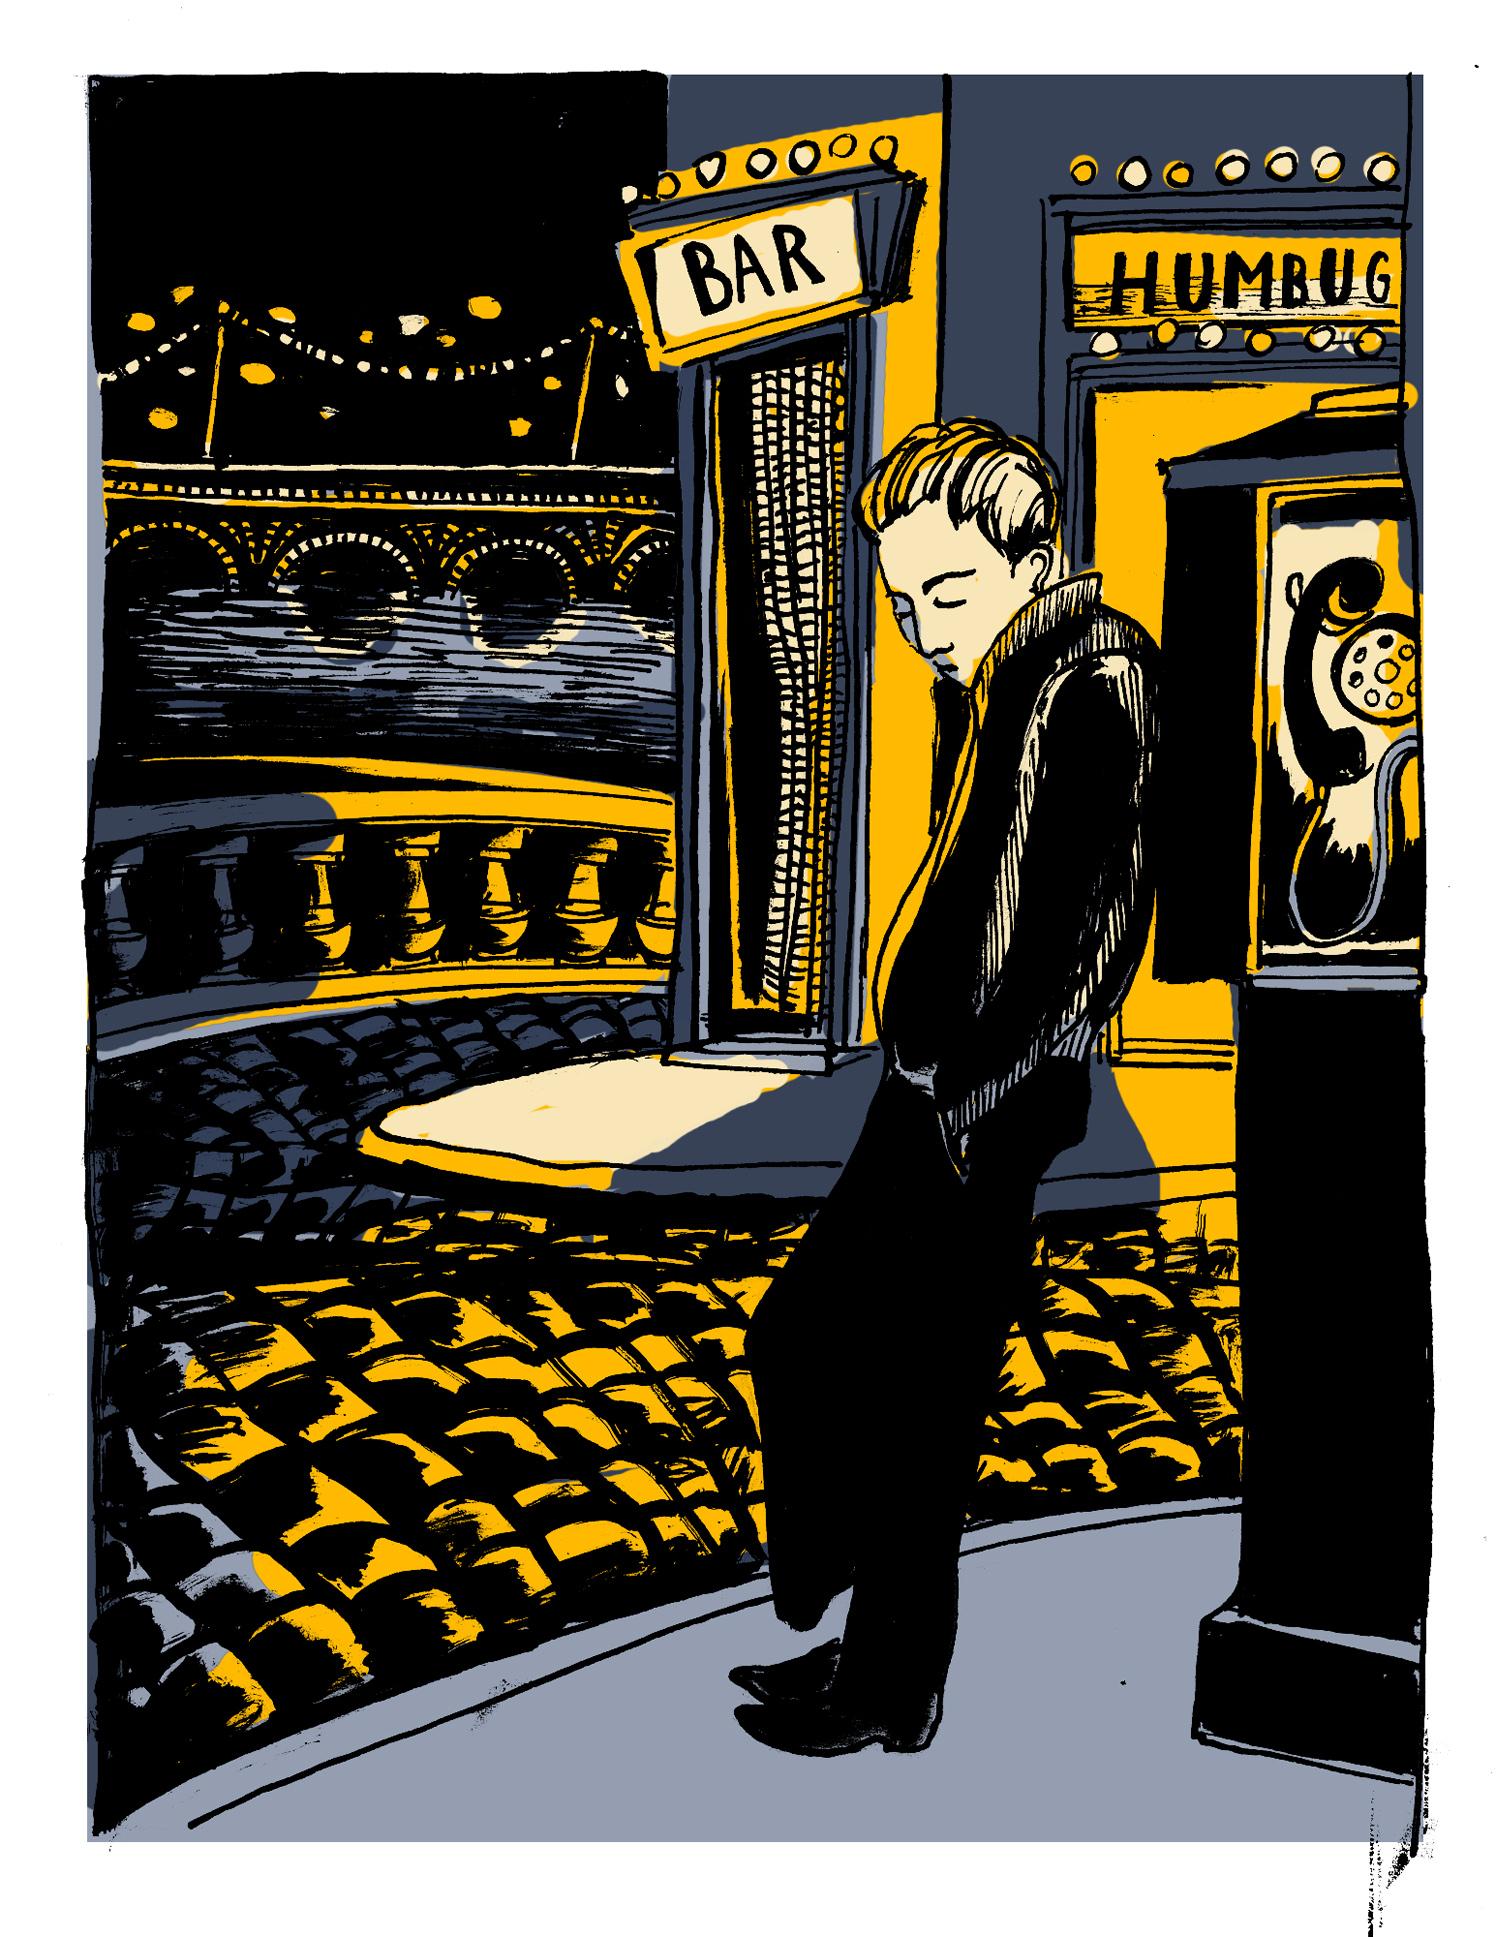 Bar Humbug Night Scene